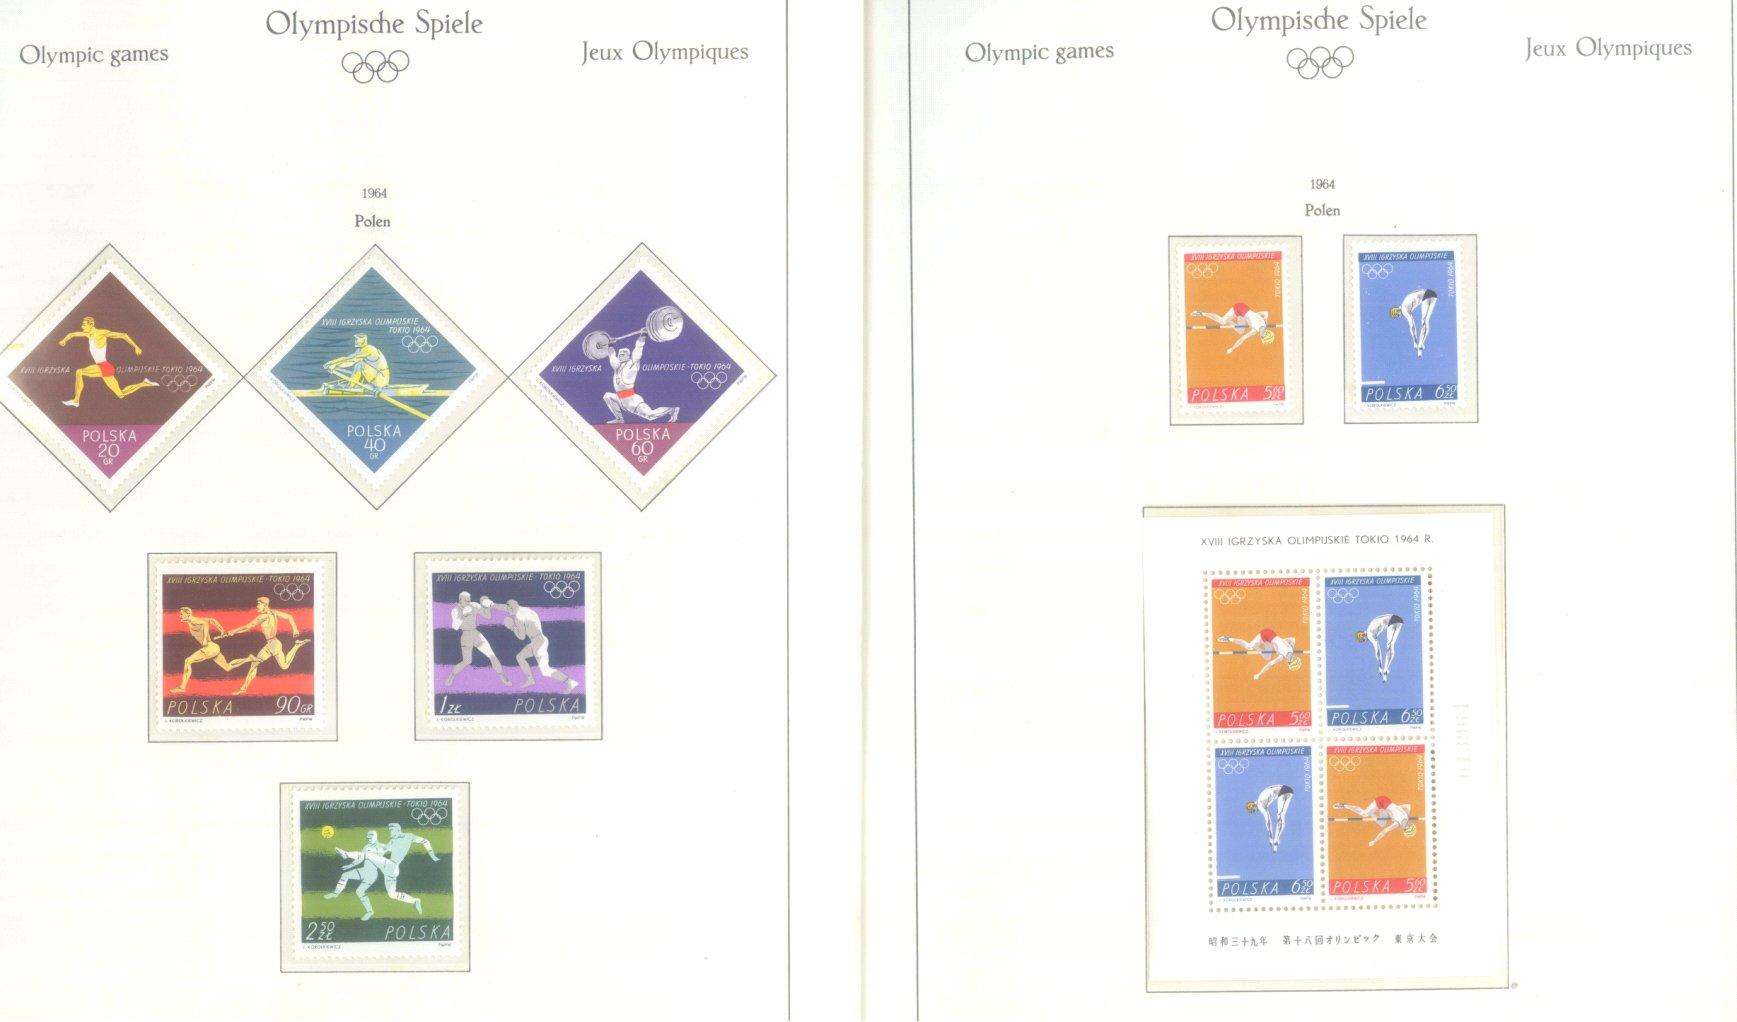 OLYMPISCHE SPIELE 1964 TOKIO, postfrische Sammlung Teil 2-21